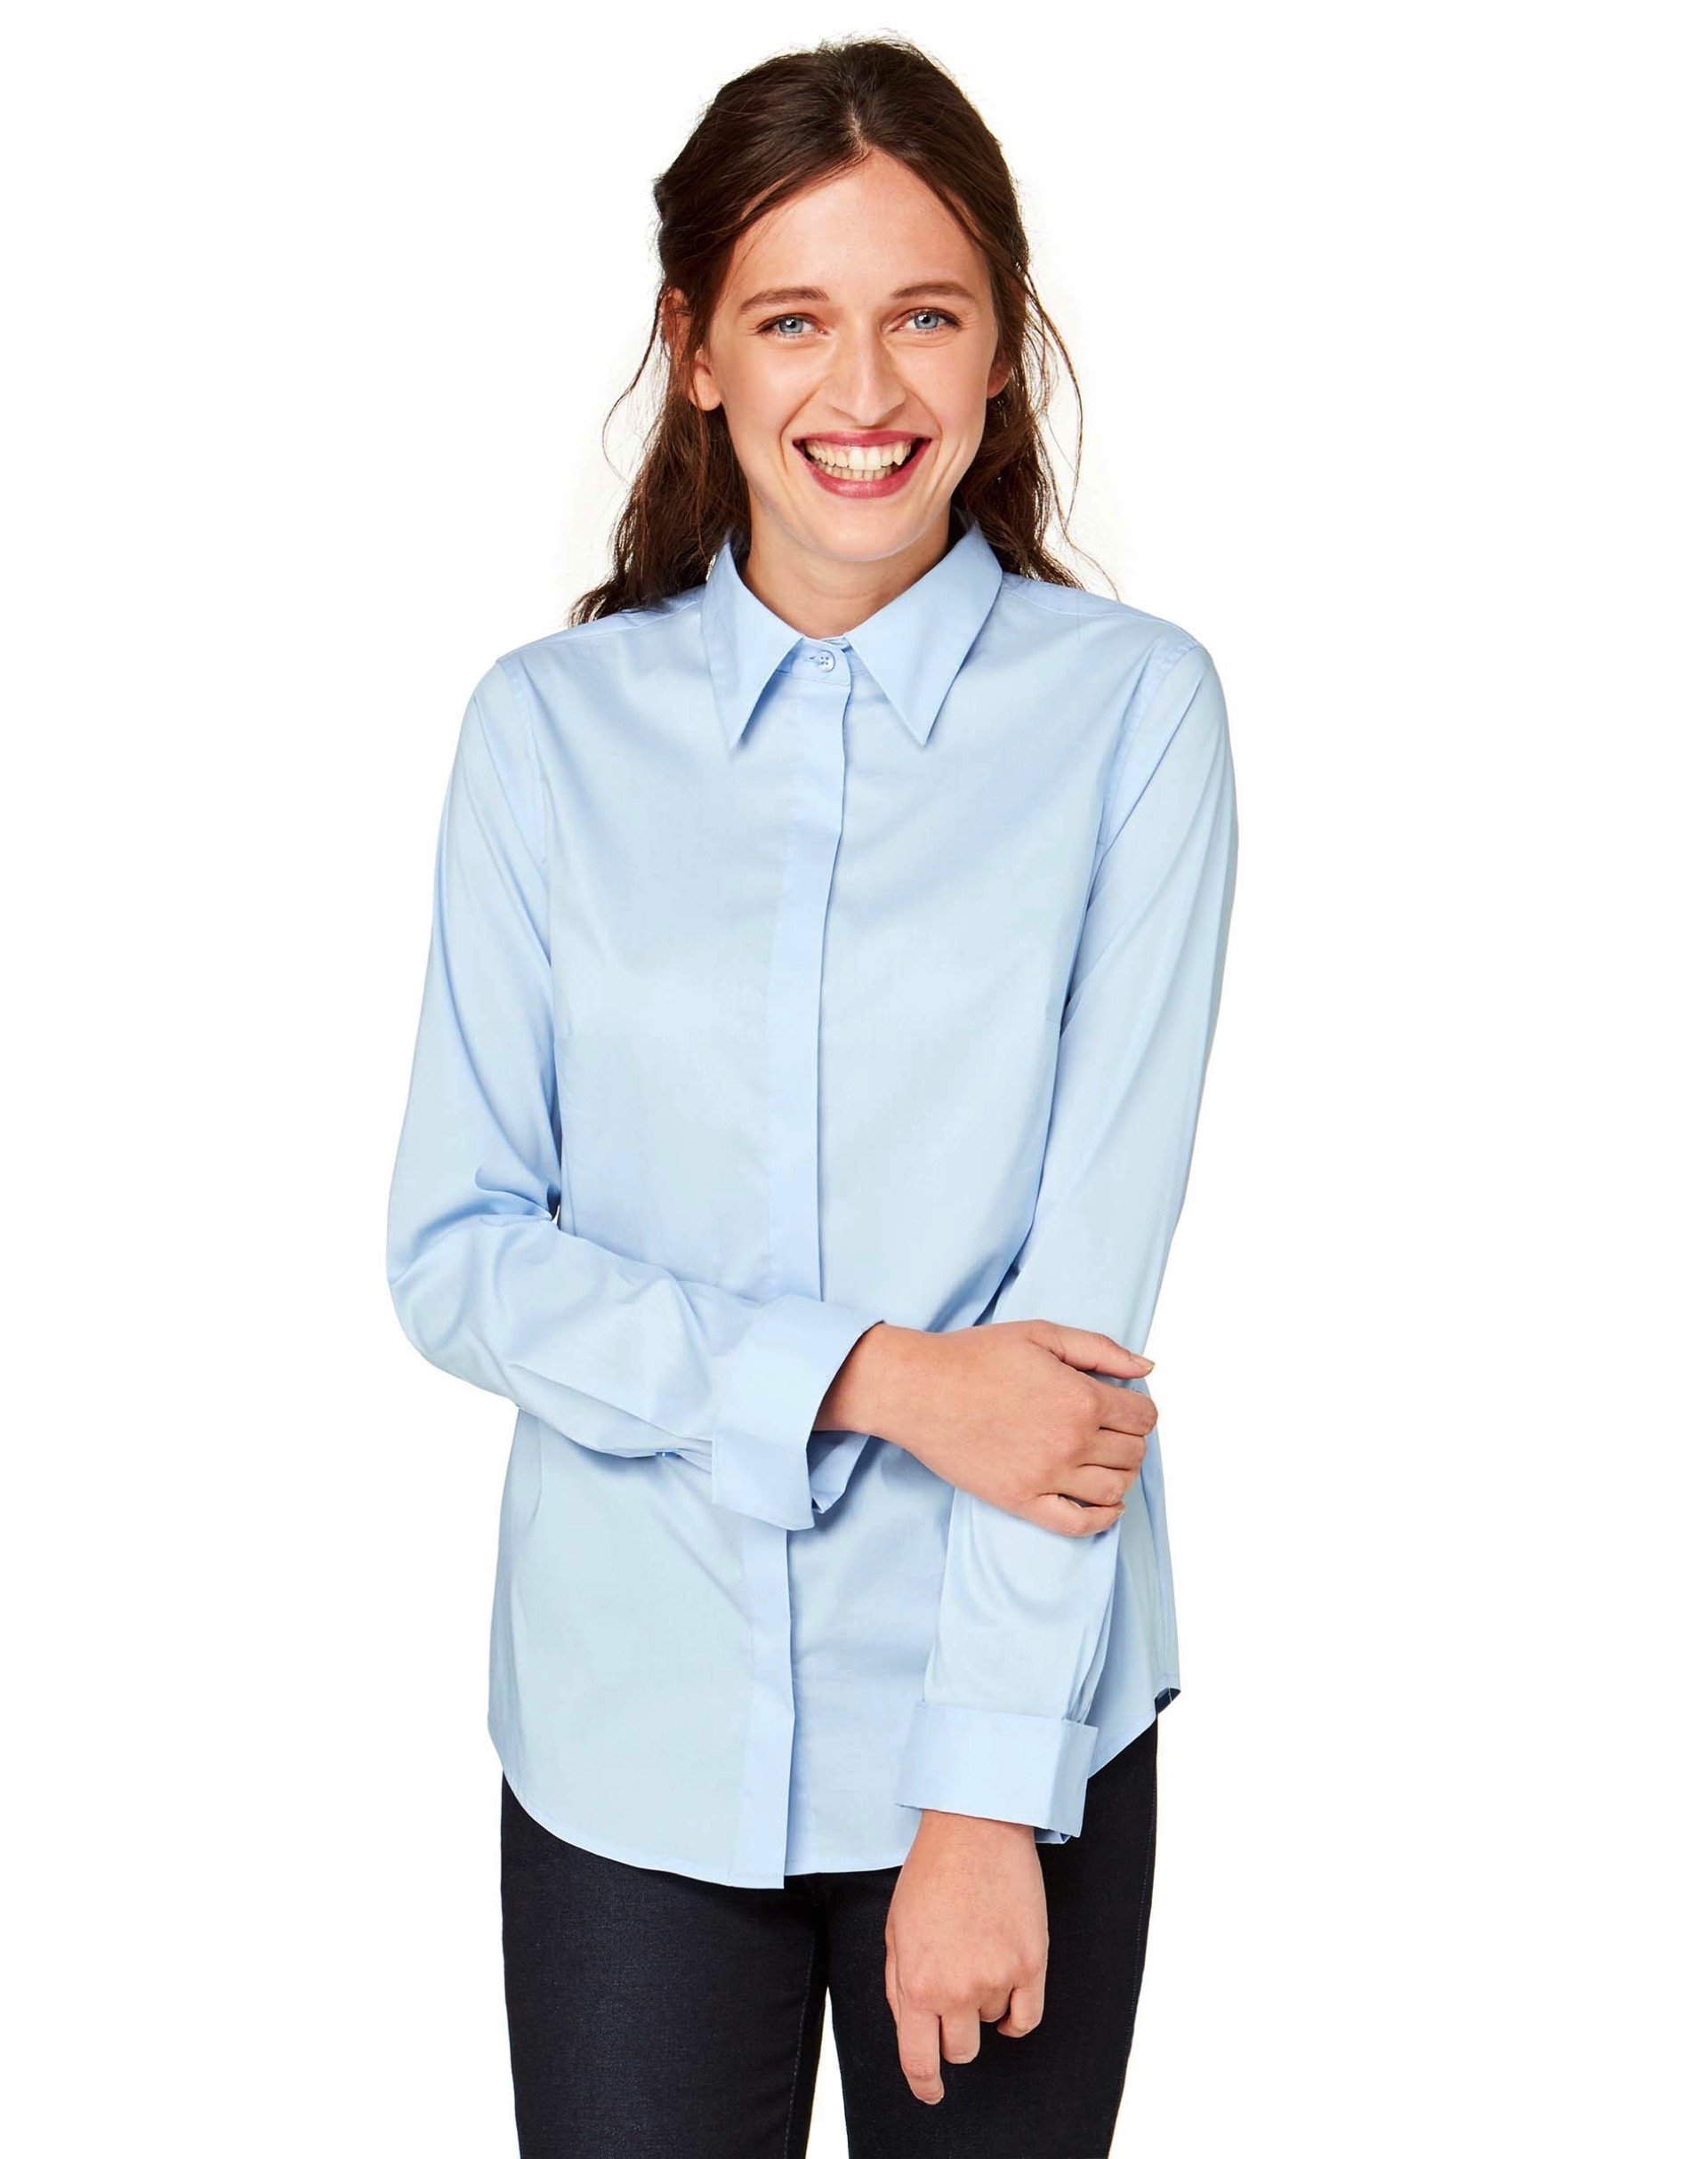 РубашкаРубашки<br>Рубашка из смесового хлопка стретч с итальянским воротничком, длинным рукавом и потайной застежкой на пуговицы спереди.<br>Цвет: Голубой; Размер: L;